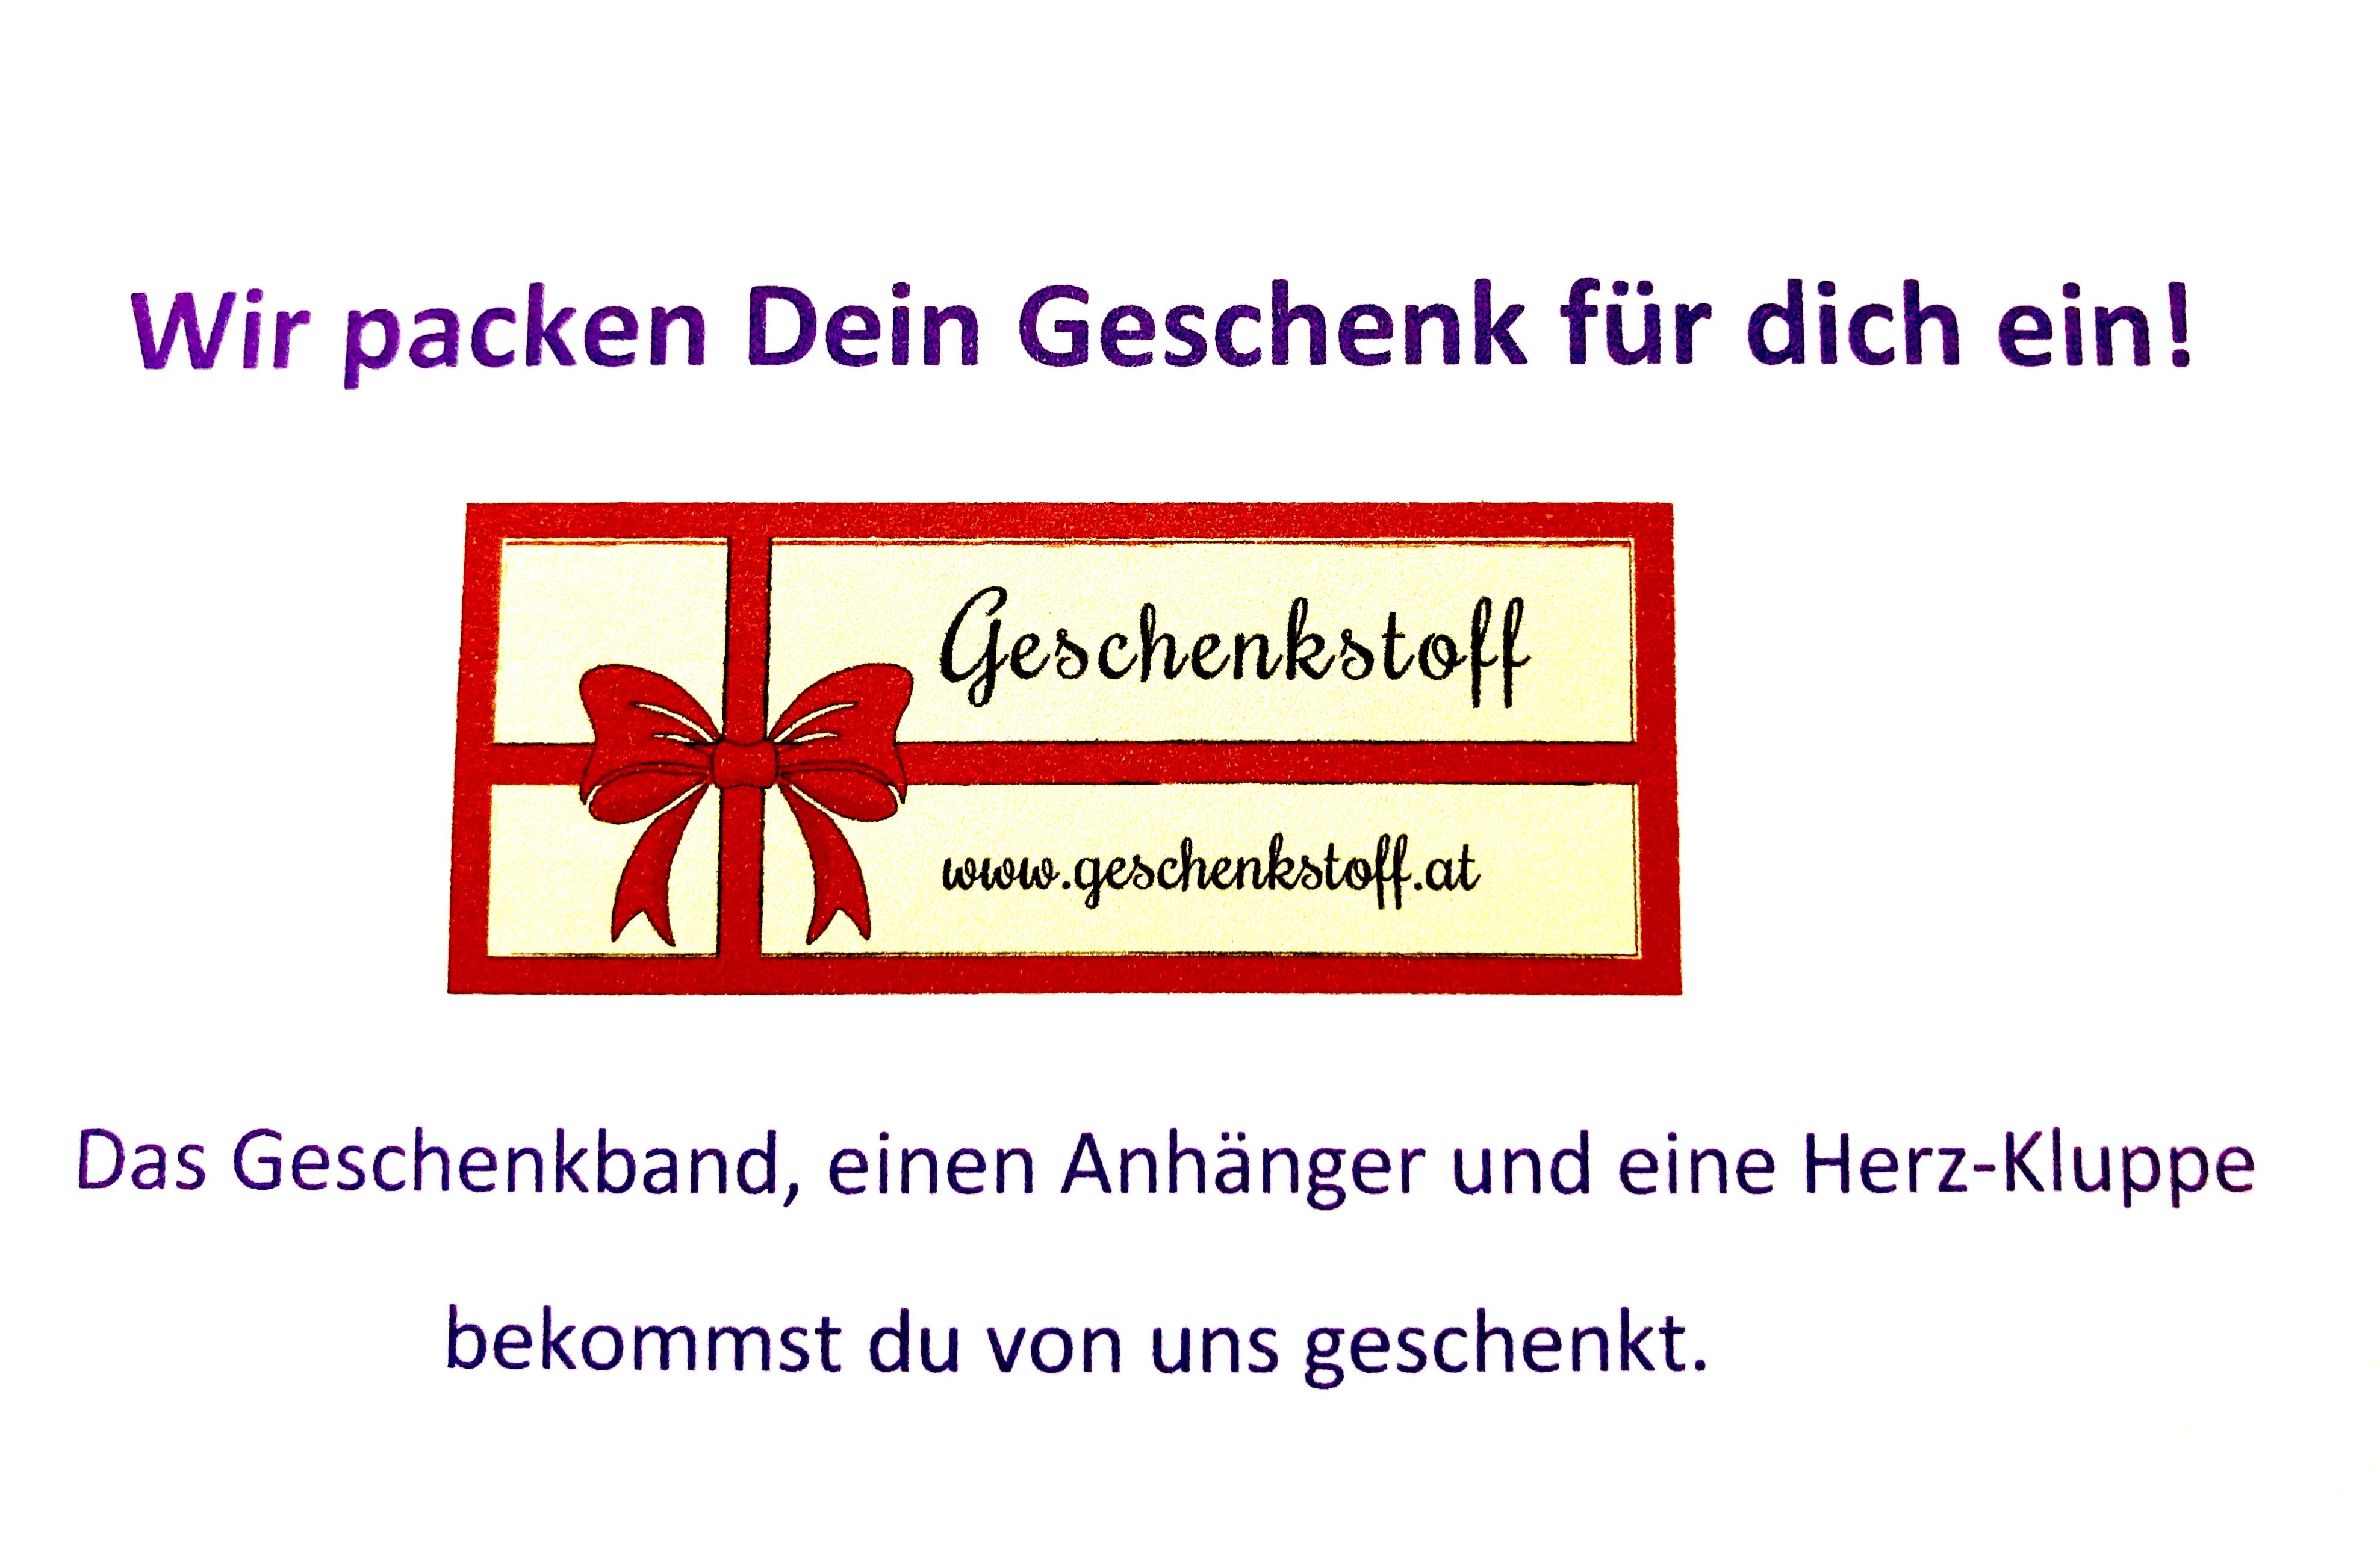 Das perfekte Geschenk: Schenk Geschenkstoff, den du aussuchst